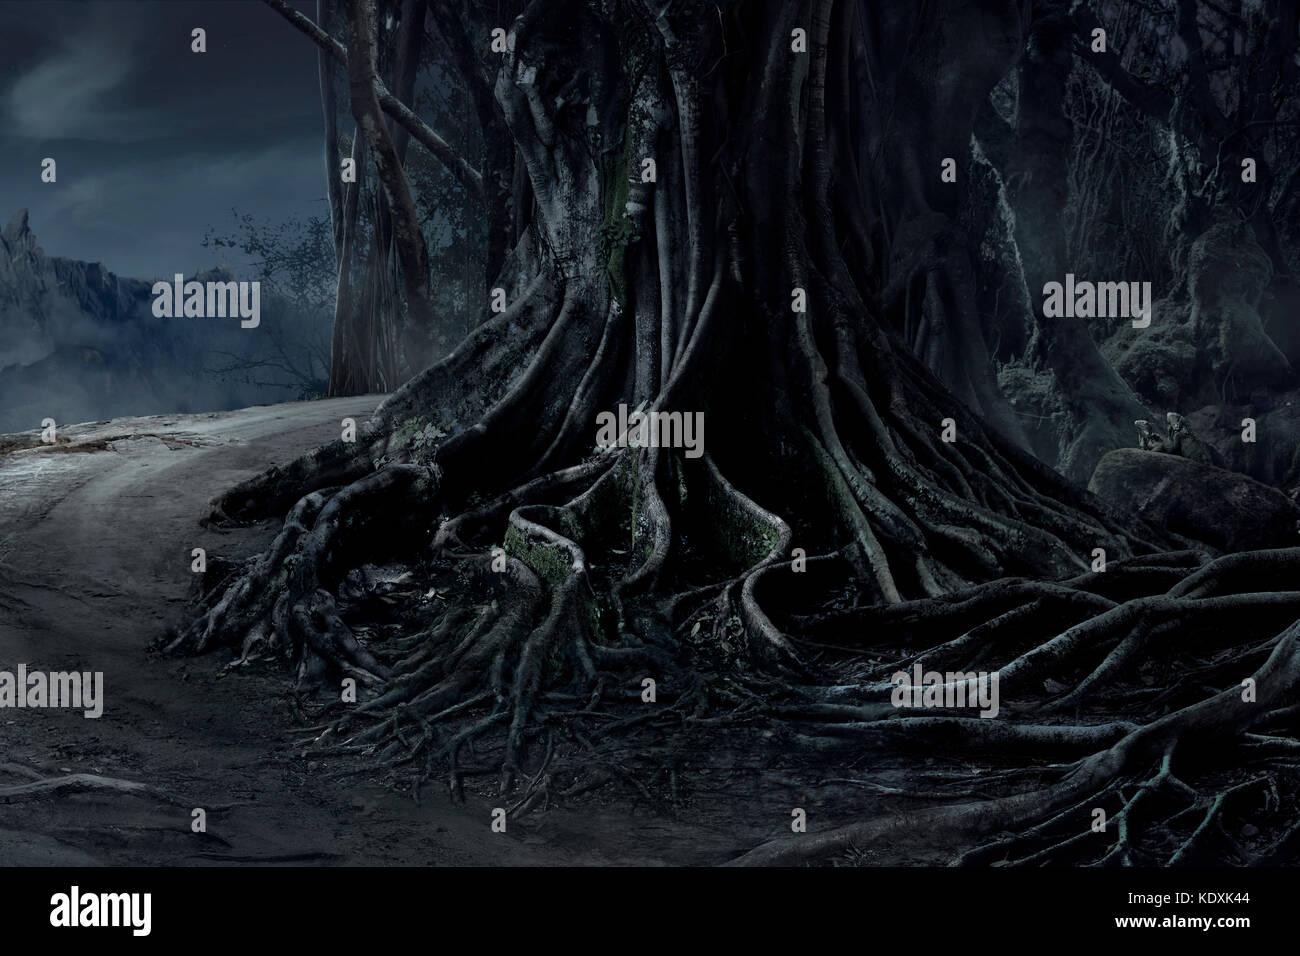 Spooky halloween morti foresta misteriosa grande albero paesaggio con sfondo velato alla notte Immagini Stock